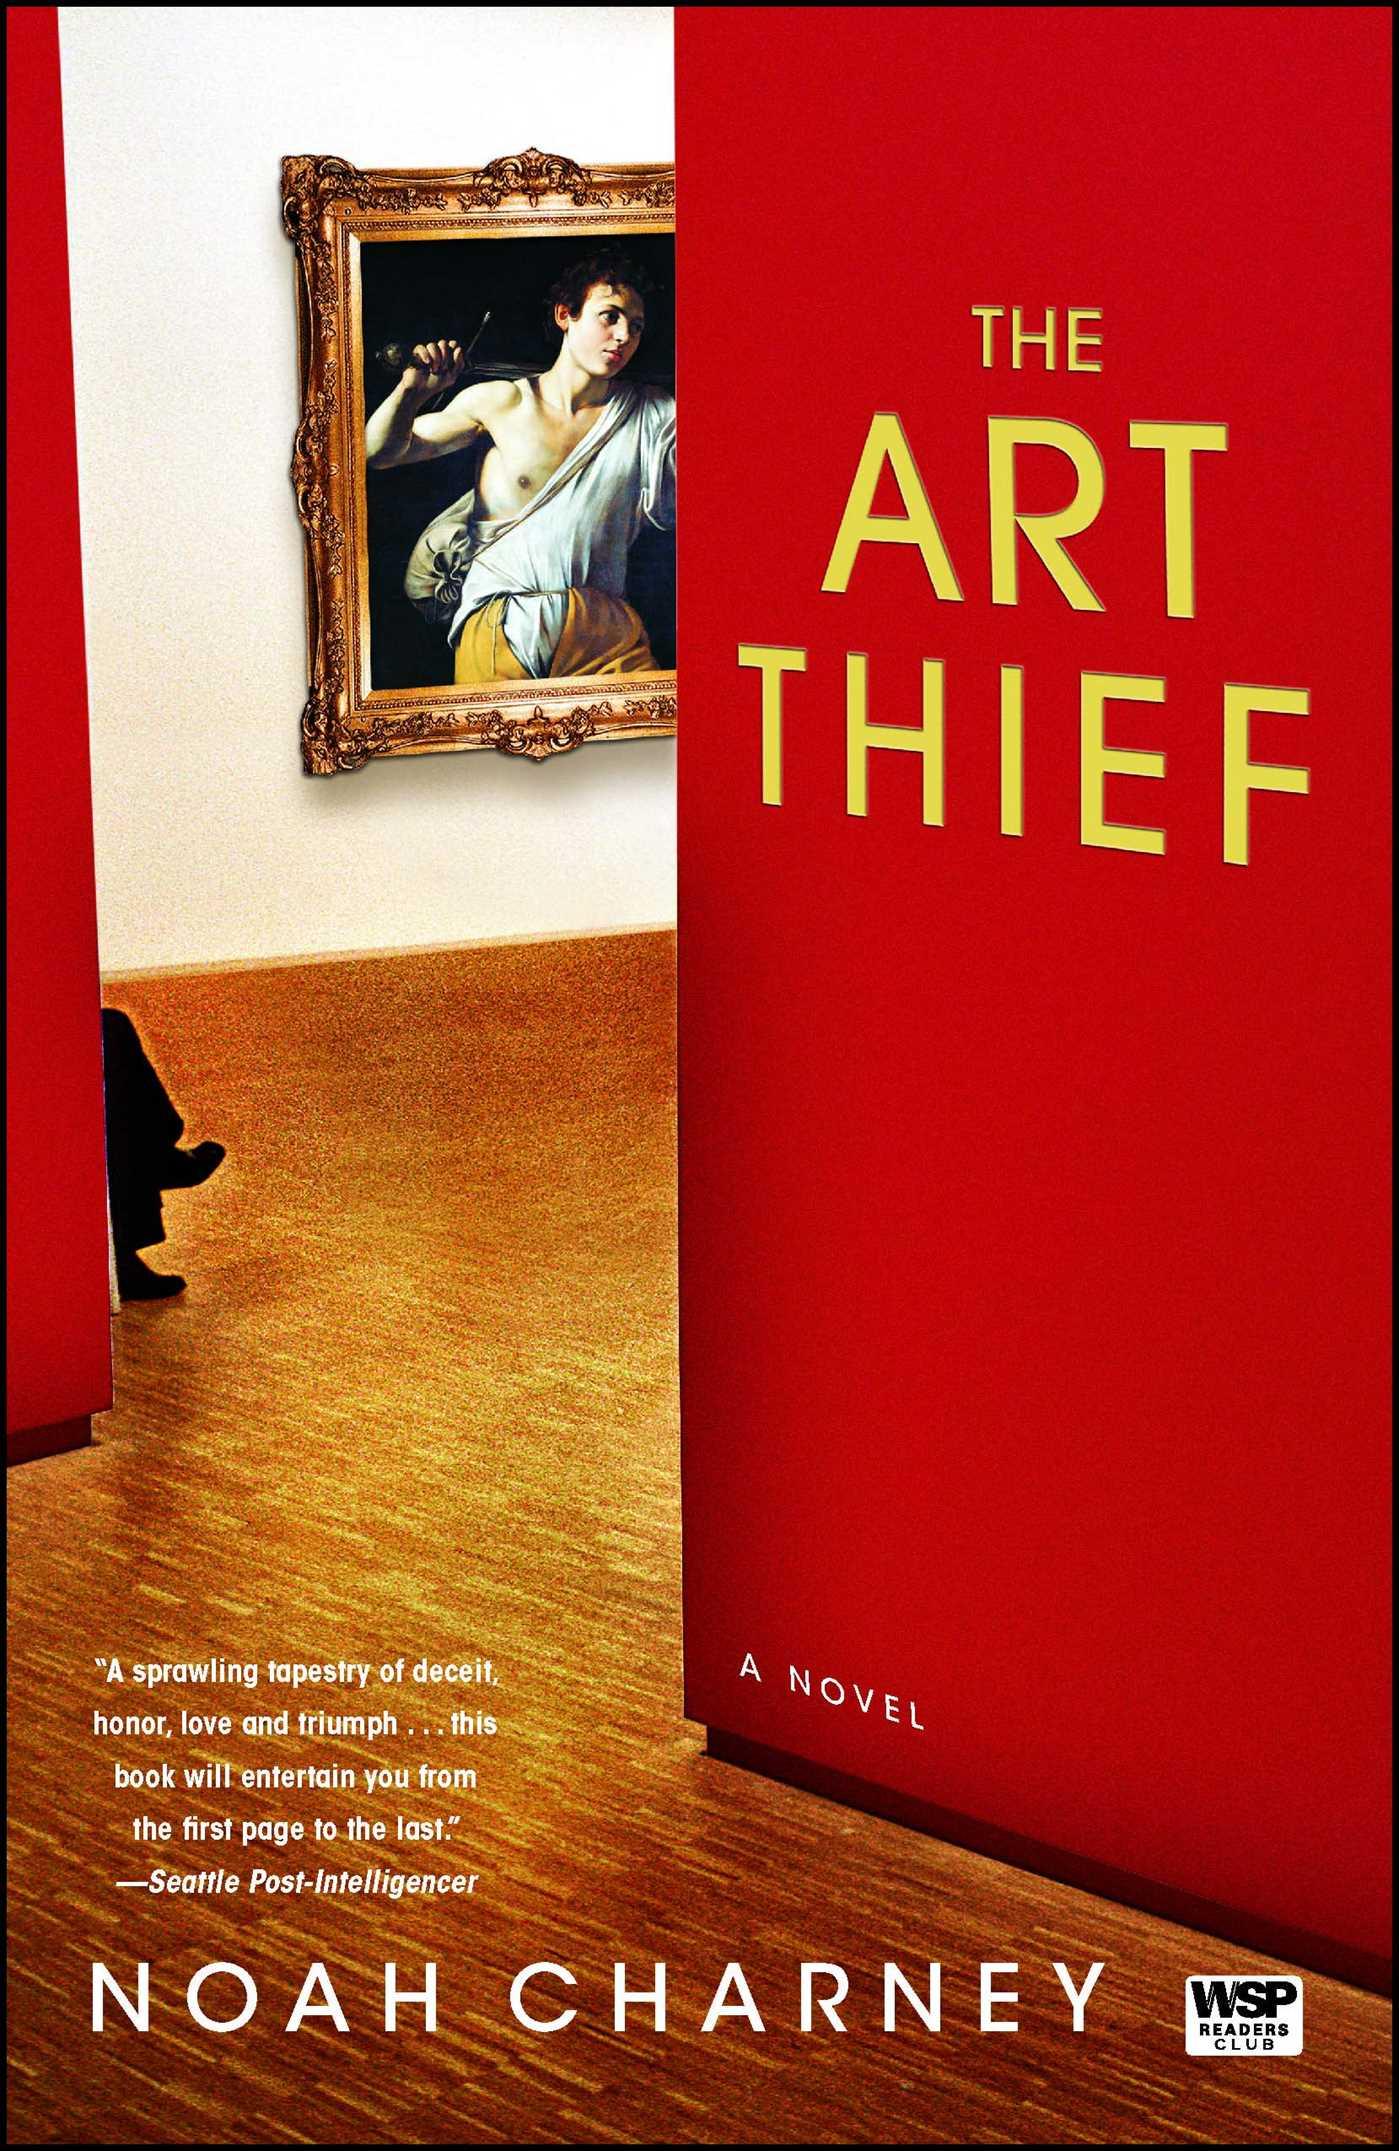 The art thief 9781416550310 hr